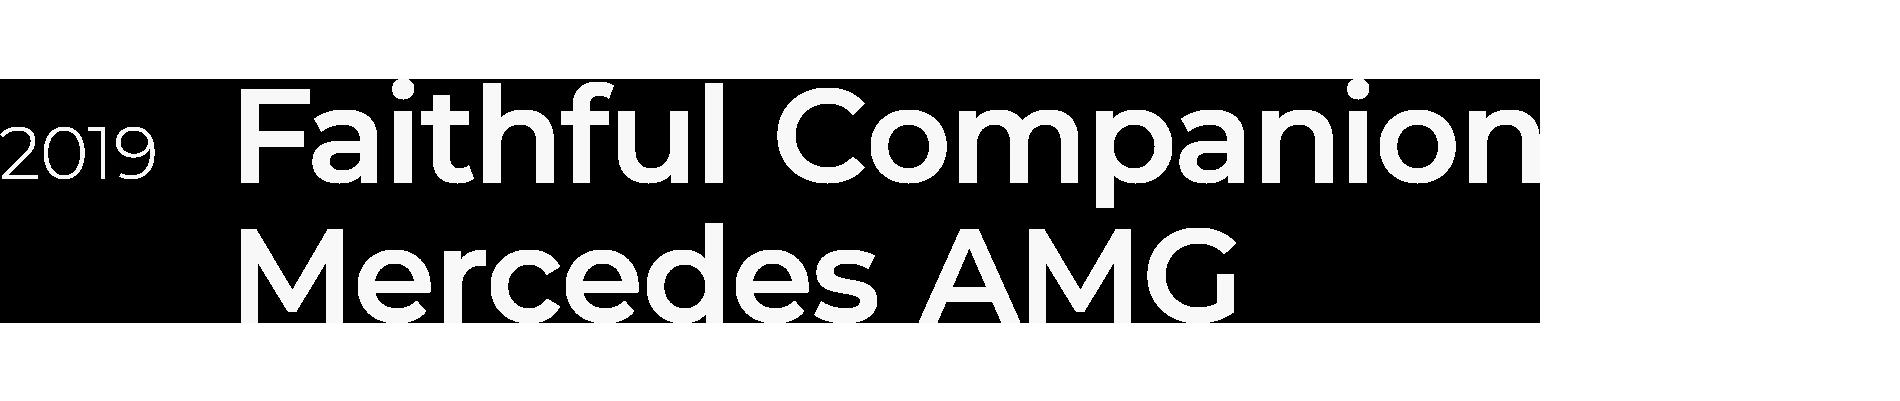 MERCEDES-AMG GLC 43 4MATIC Coupé - Faithful Companion